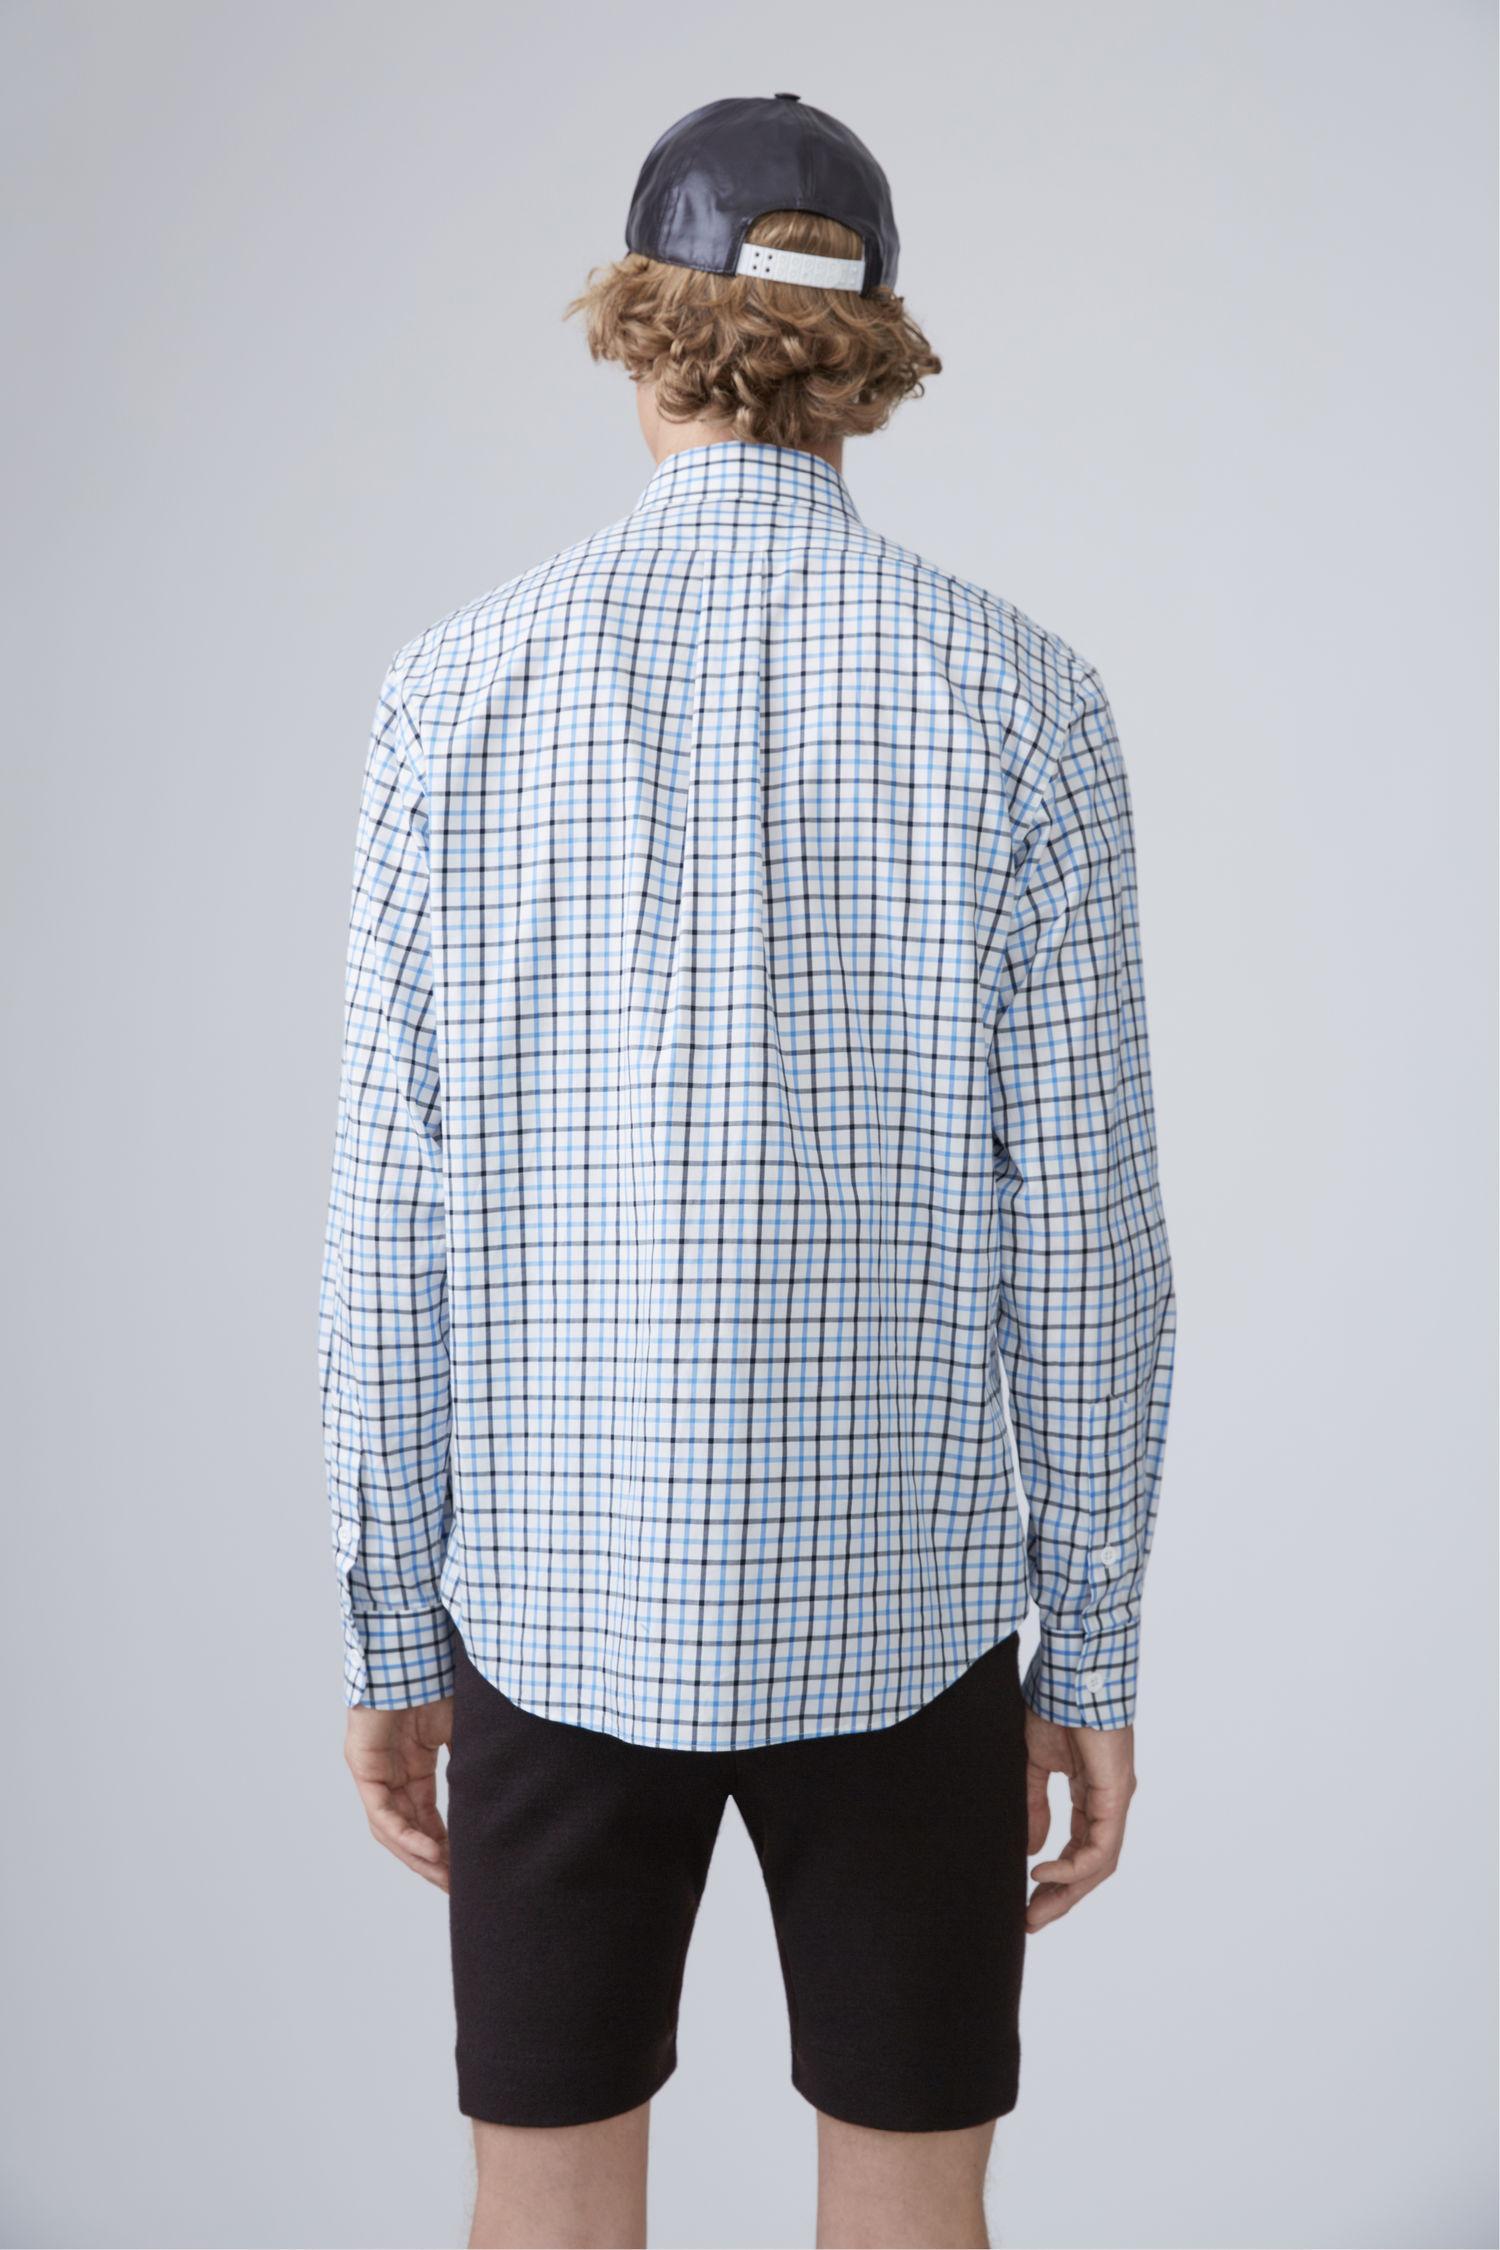 oak island single men Oak island north carolina men's sport-wick® varsity fleece full-zip hooded jacket $ 6295.